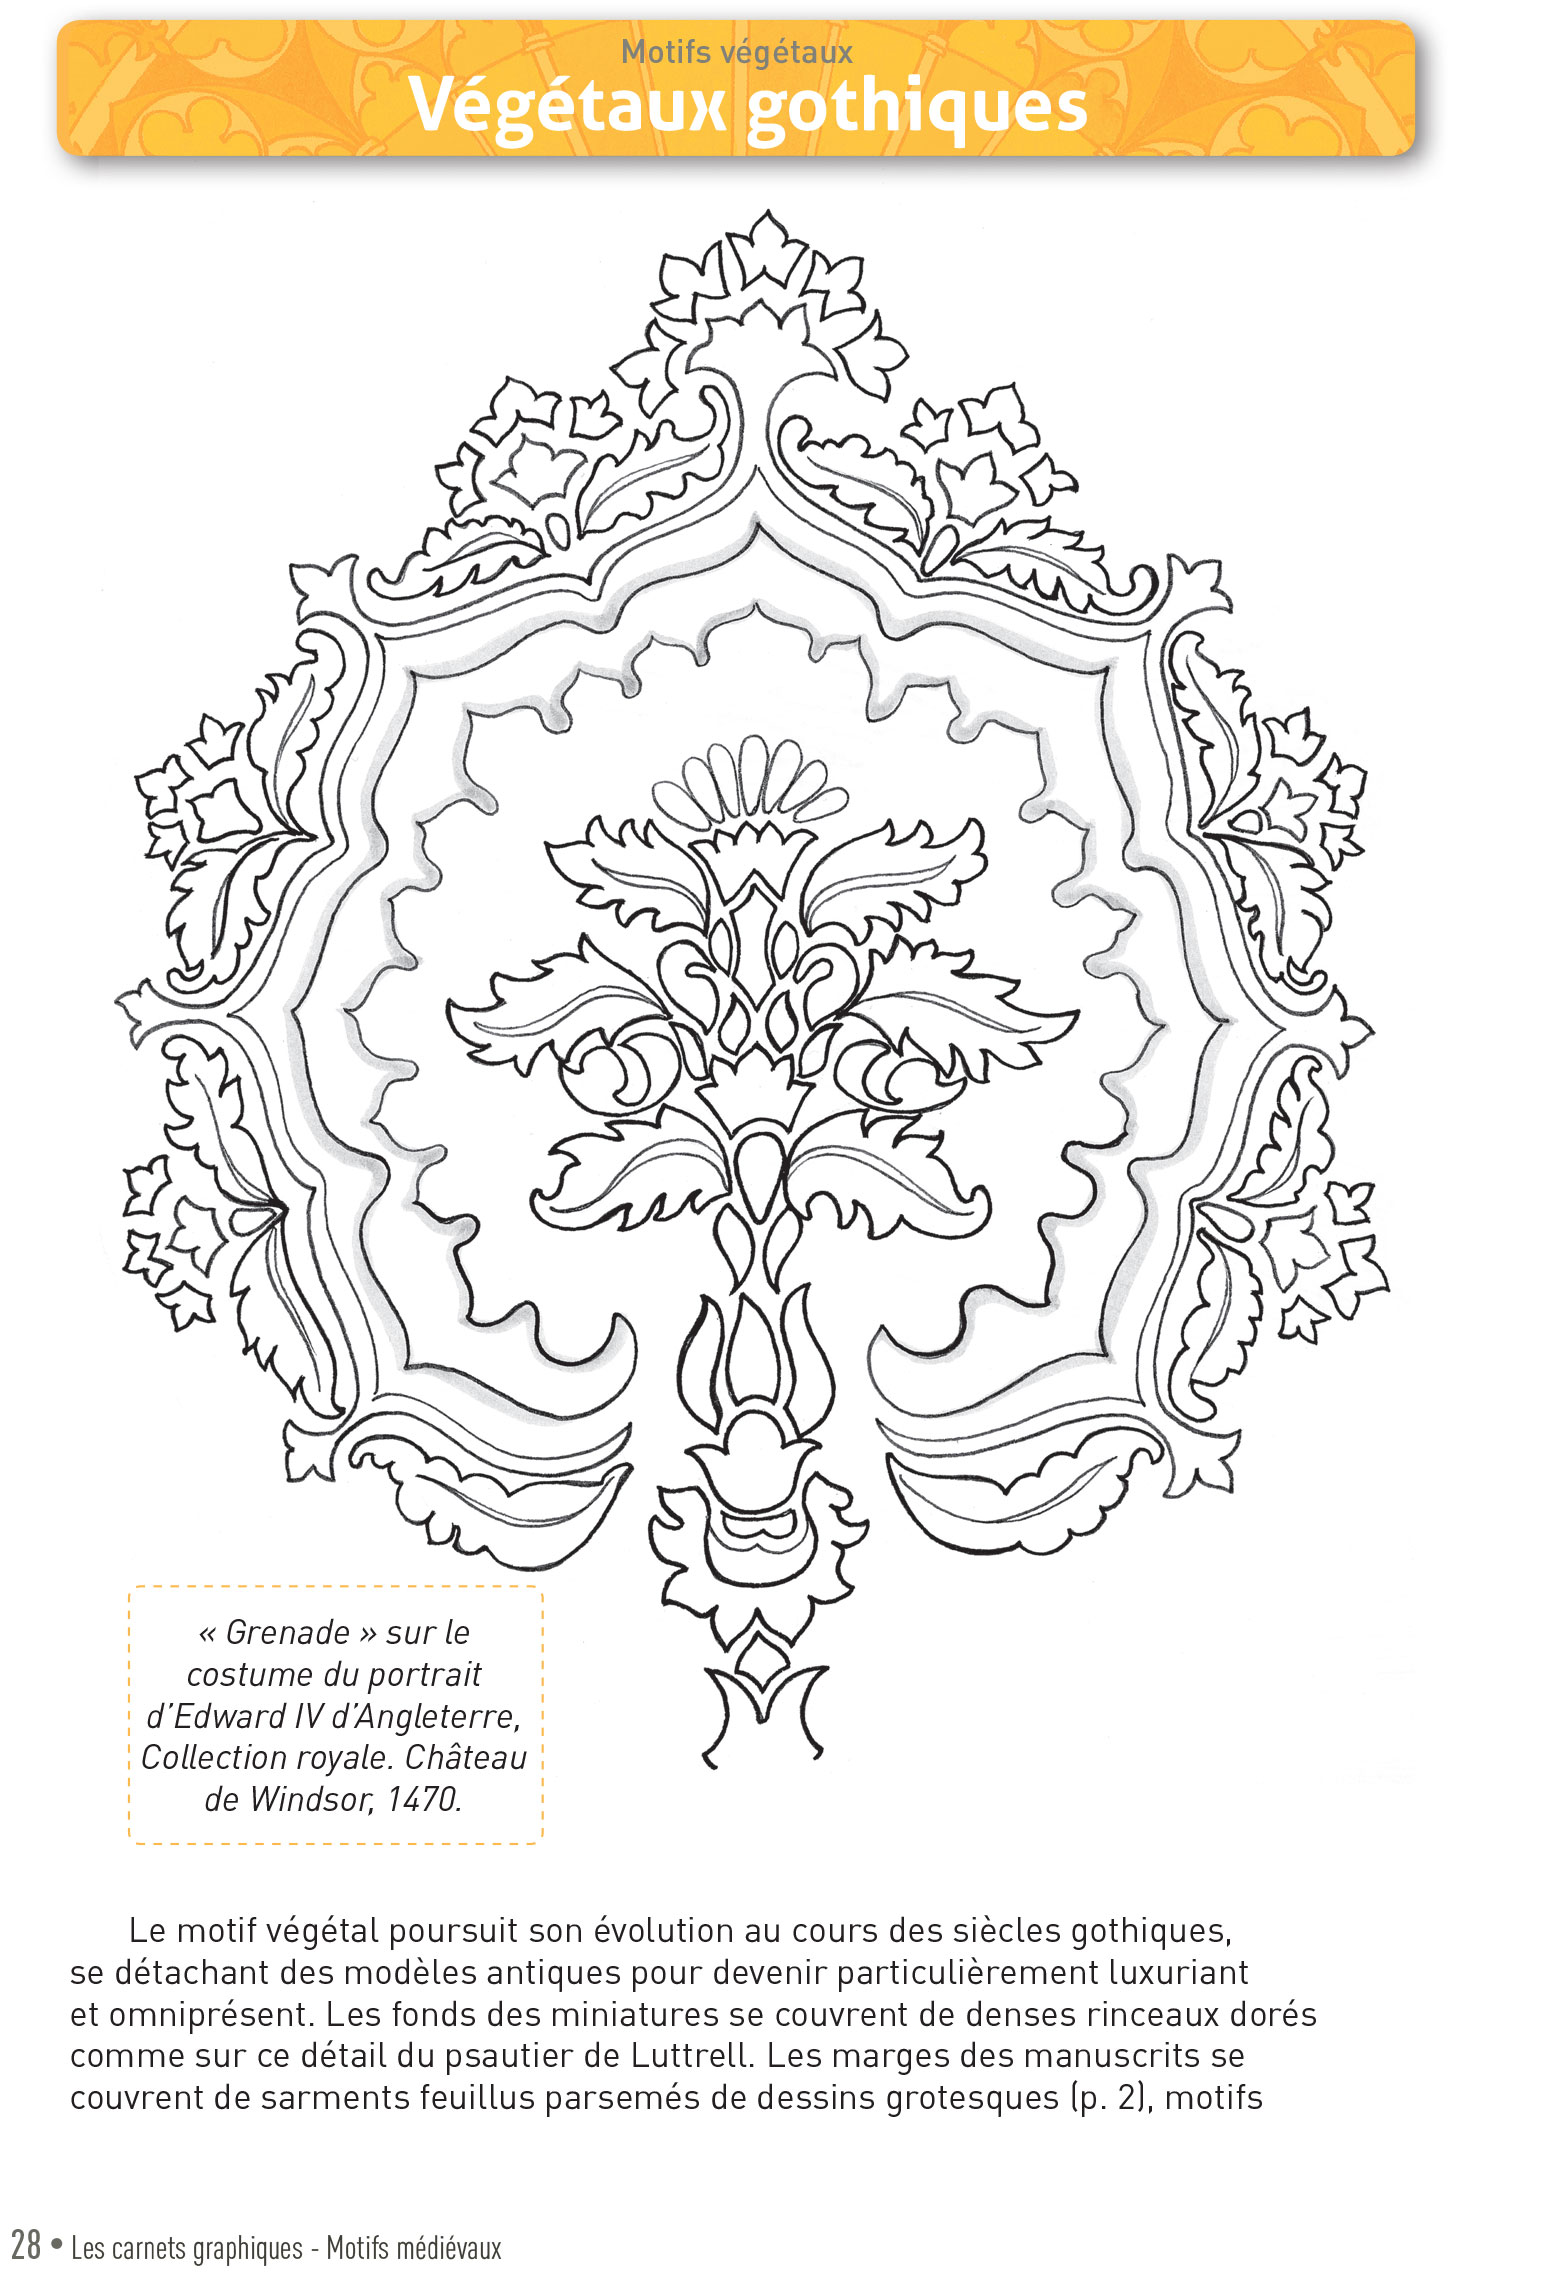 p28 carnet graphique motifs medievaux